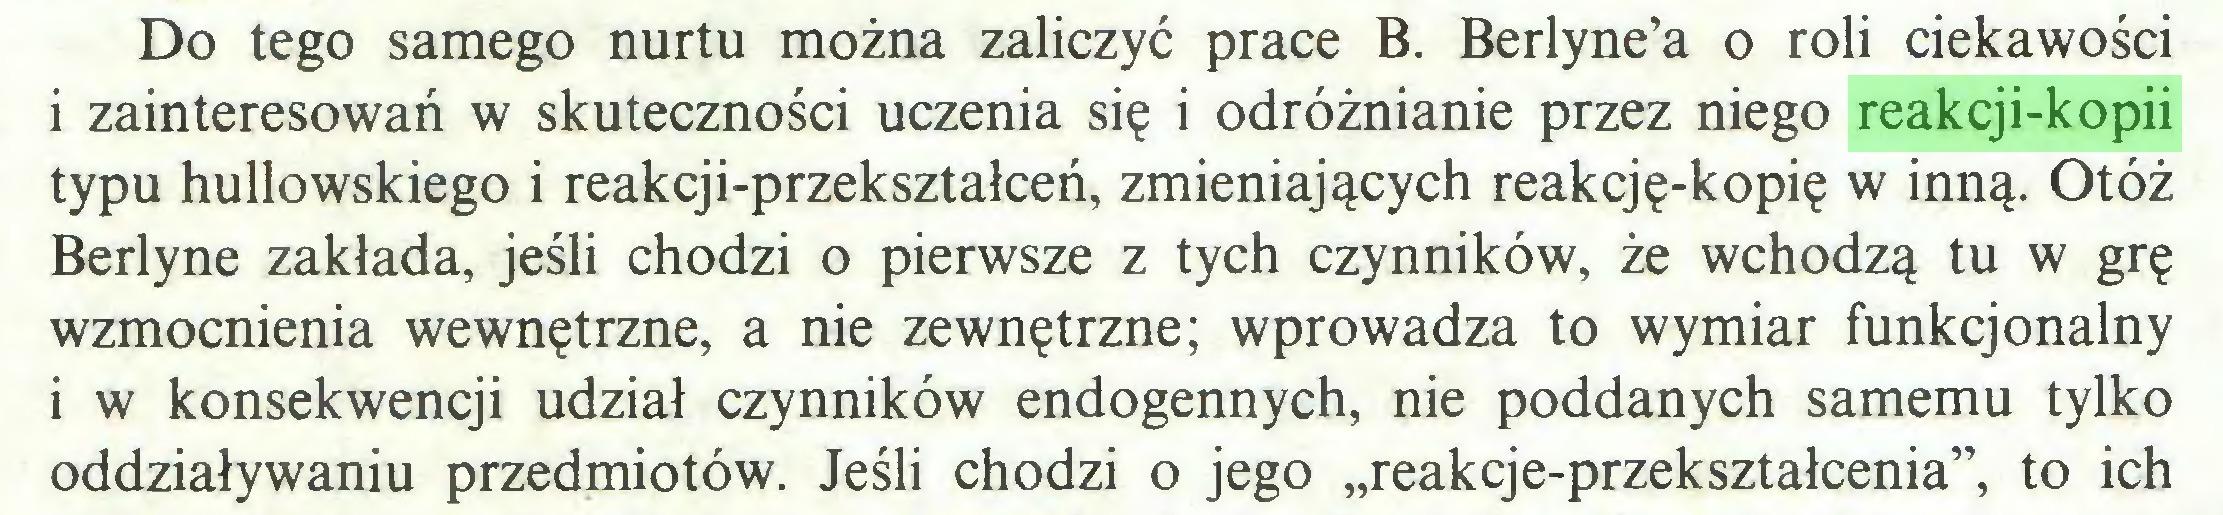 """(...) Do tego samego nurtu można zaliczyć prace B. Berlyne'a o roli ciekawości i zainteresowań w skuteczności uczenia się i odróżnianie przez niego reakcji-kopii typu hullowskiego i reakcji-przekształceń, zmieniających reakcję-kopię w inną. Otóż Berlyne zakłada, jeśli chodzi o pierwsze z tych czynników, że wchodzą tu w grę wzmocnienia wewnętrzne, a nie zewnętrzne; wprowadza to wymiar funkcjonalny i w konsekwencji udział czynników endogennych, nie poddanych samemu tylko oddziaływaniu przedmiotów. Jeśli chodzi o jego """"reakcje-przekształcenia"""", to ich..."""